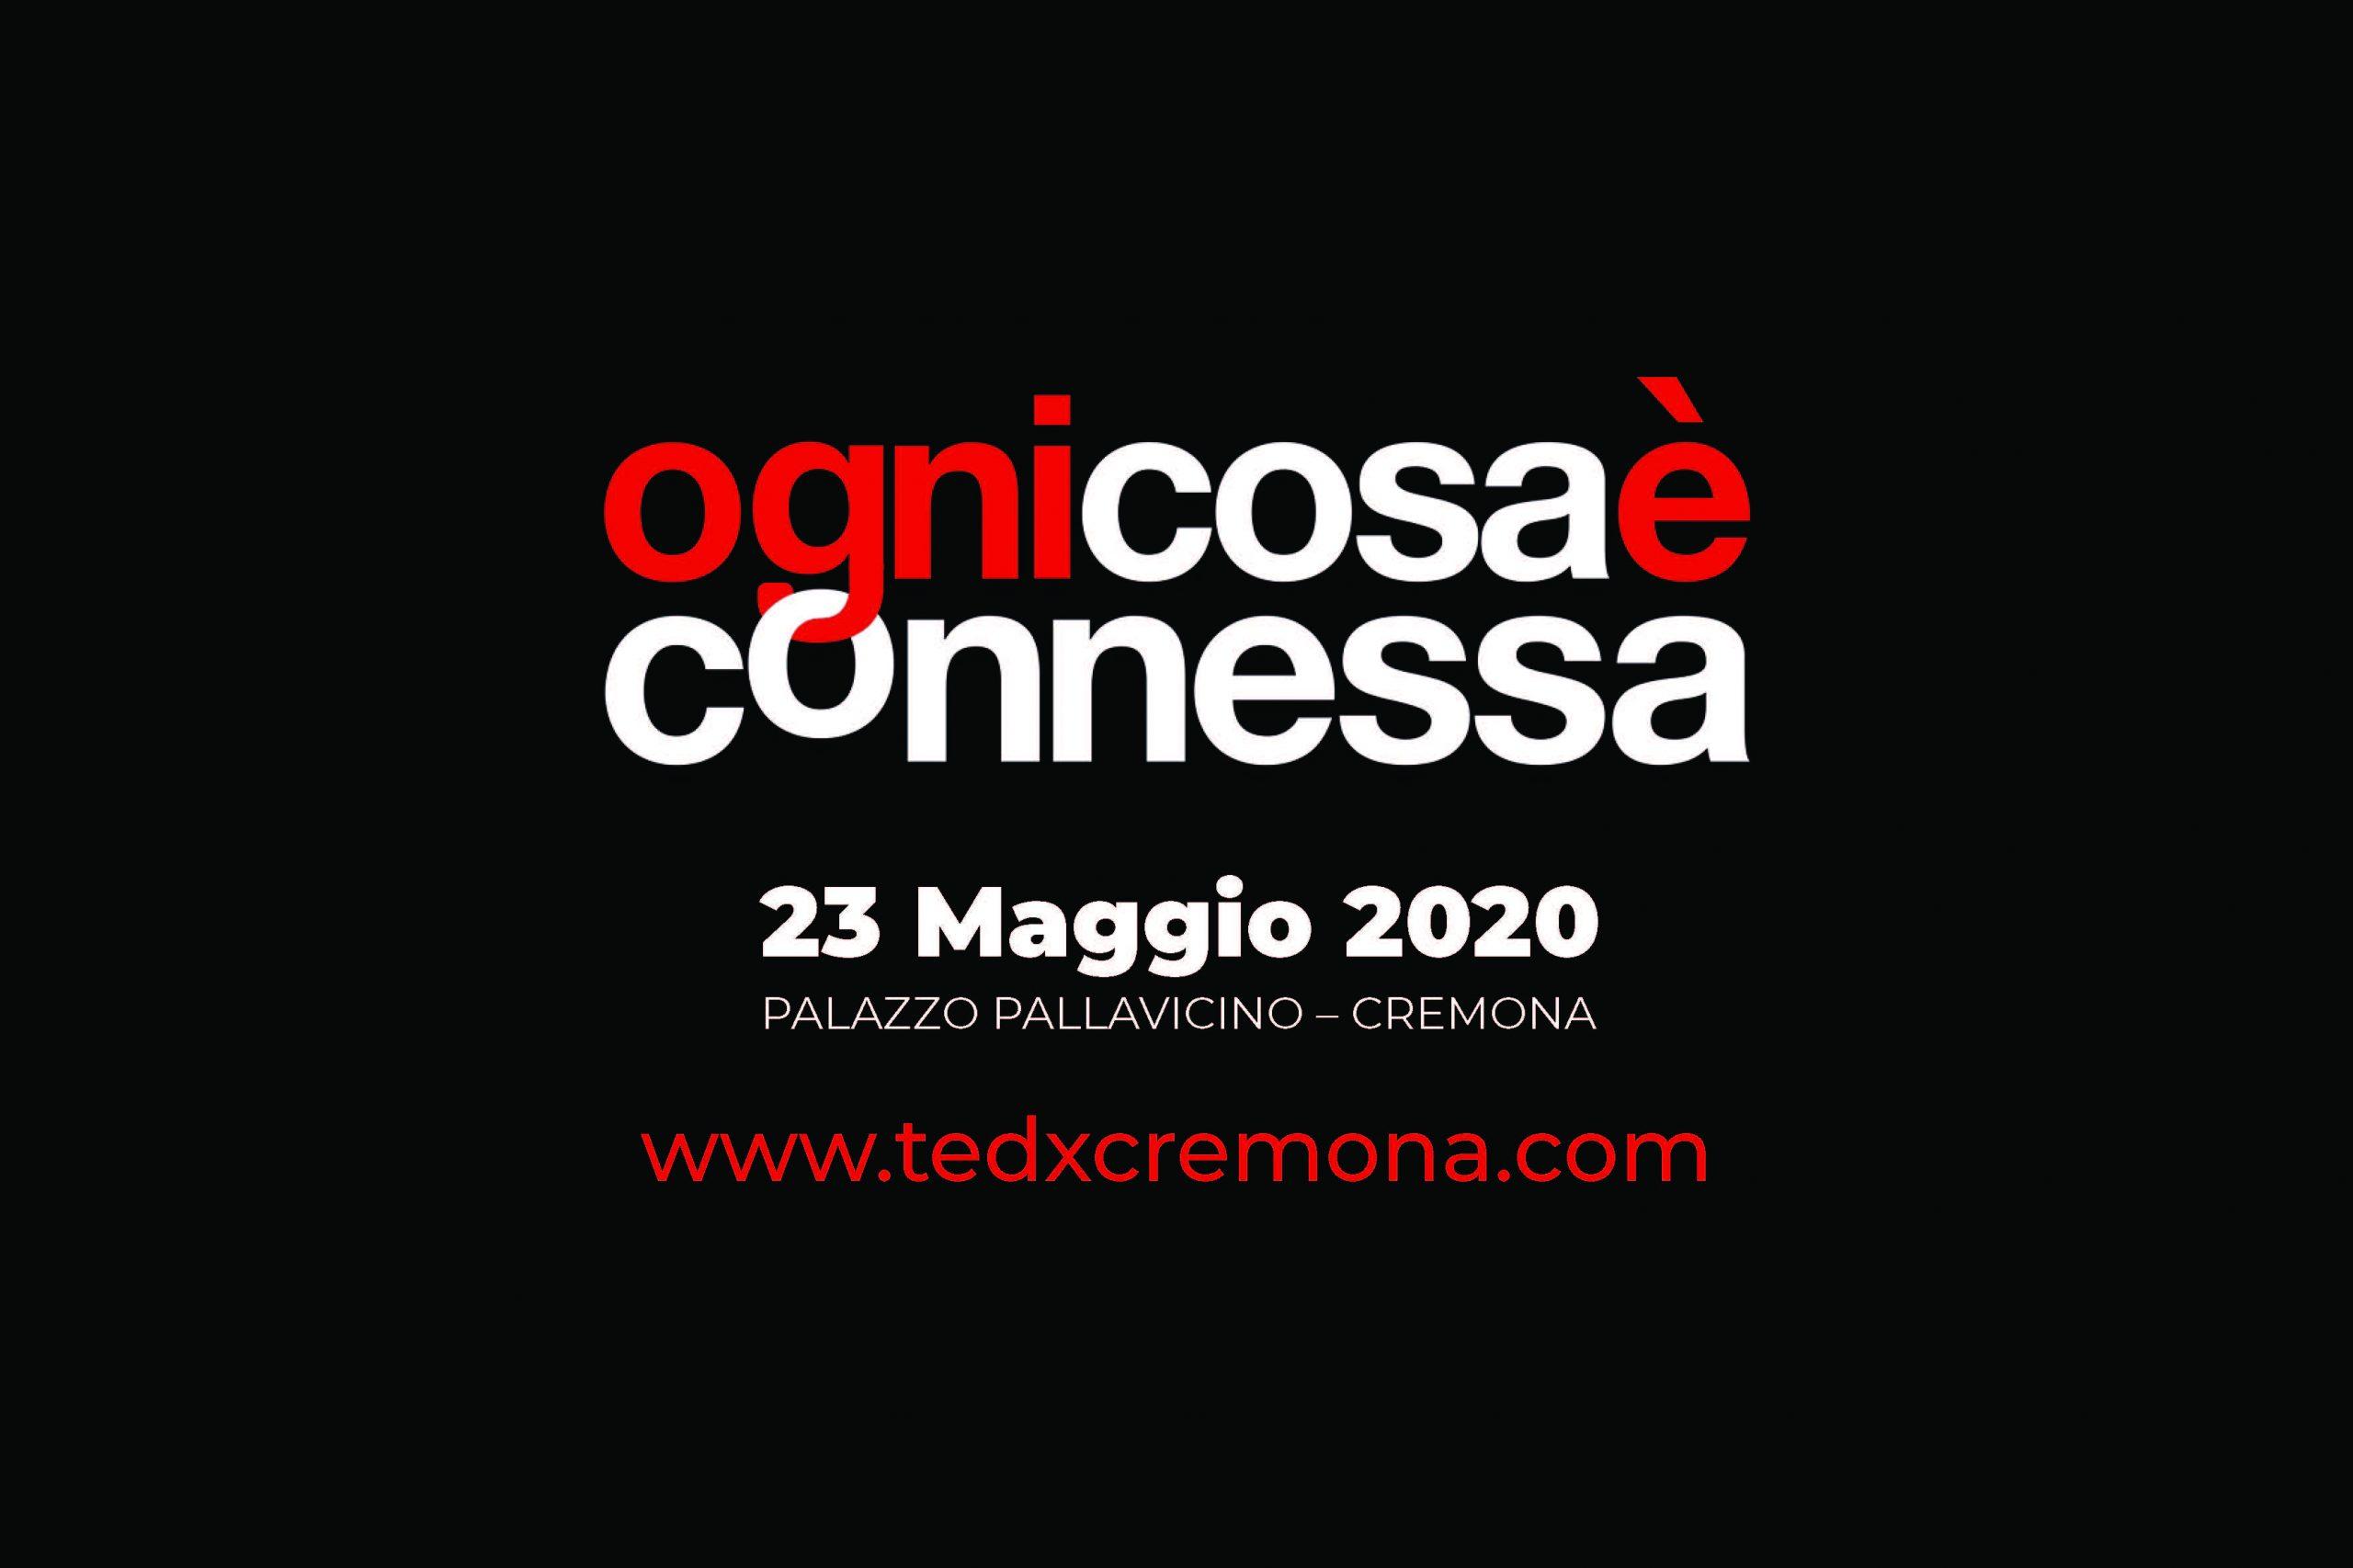 TEDxCremona 2020: OGNI COSA E' CONNESSA